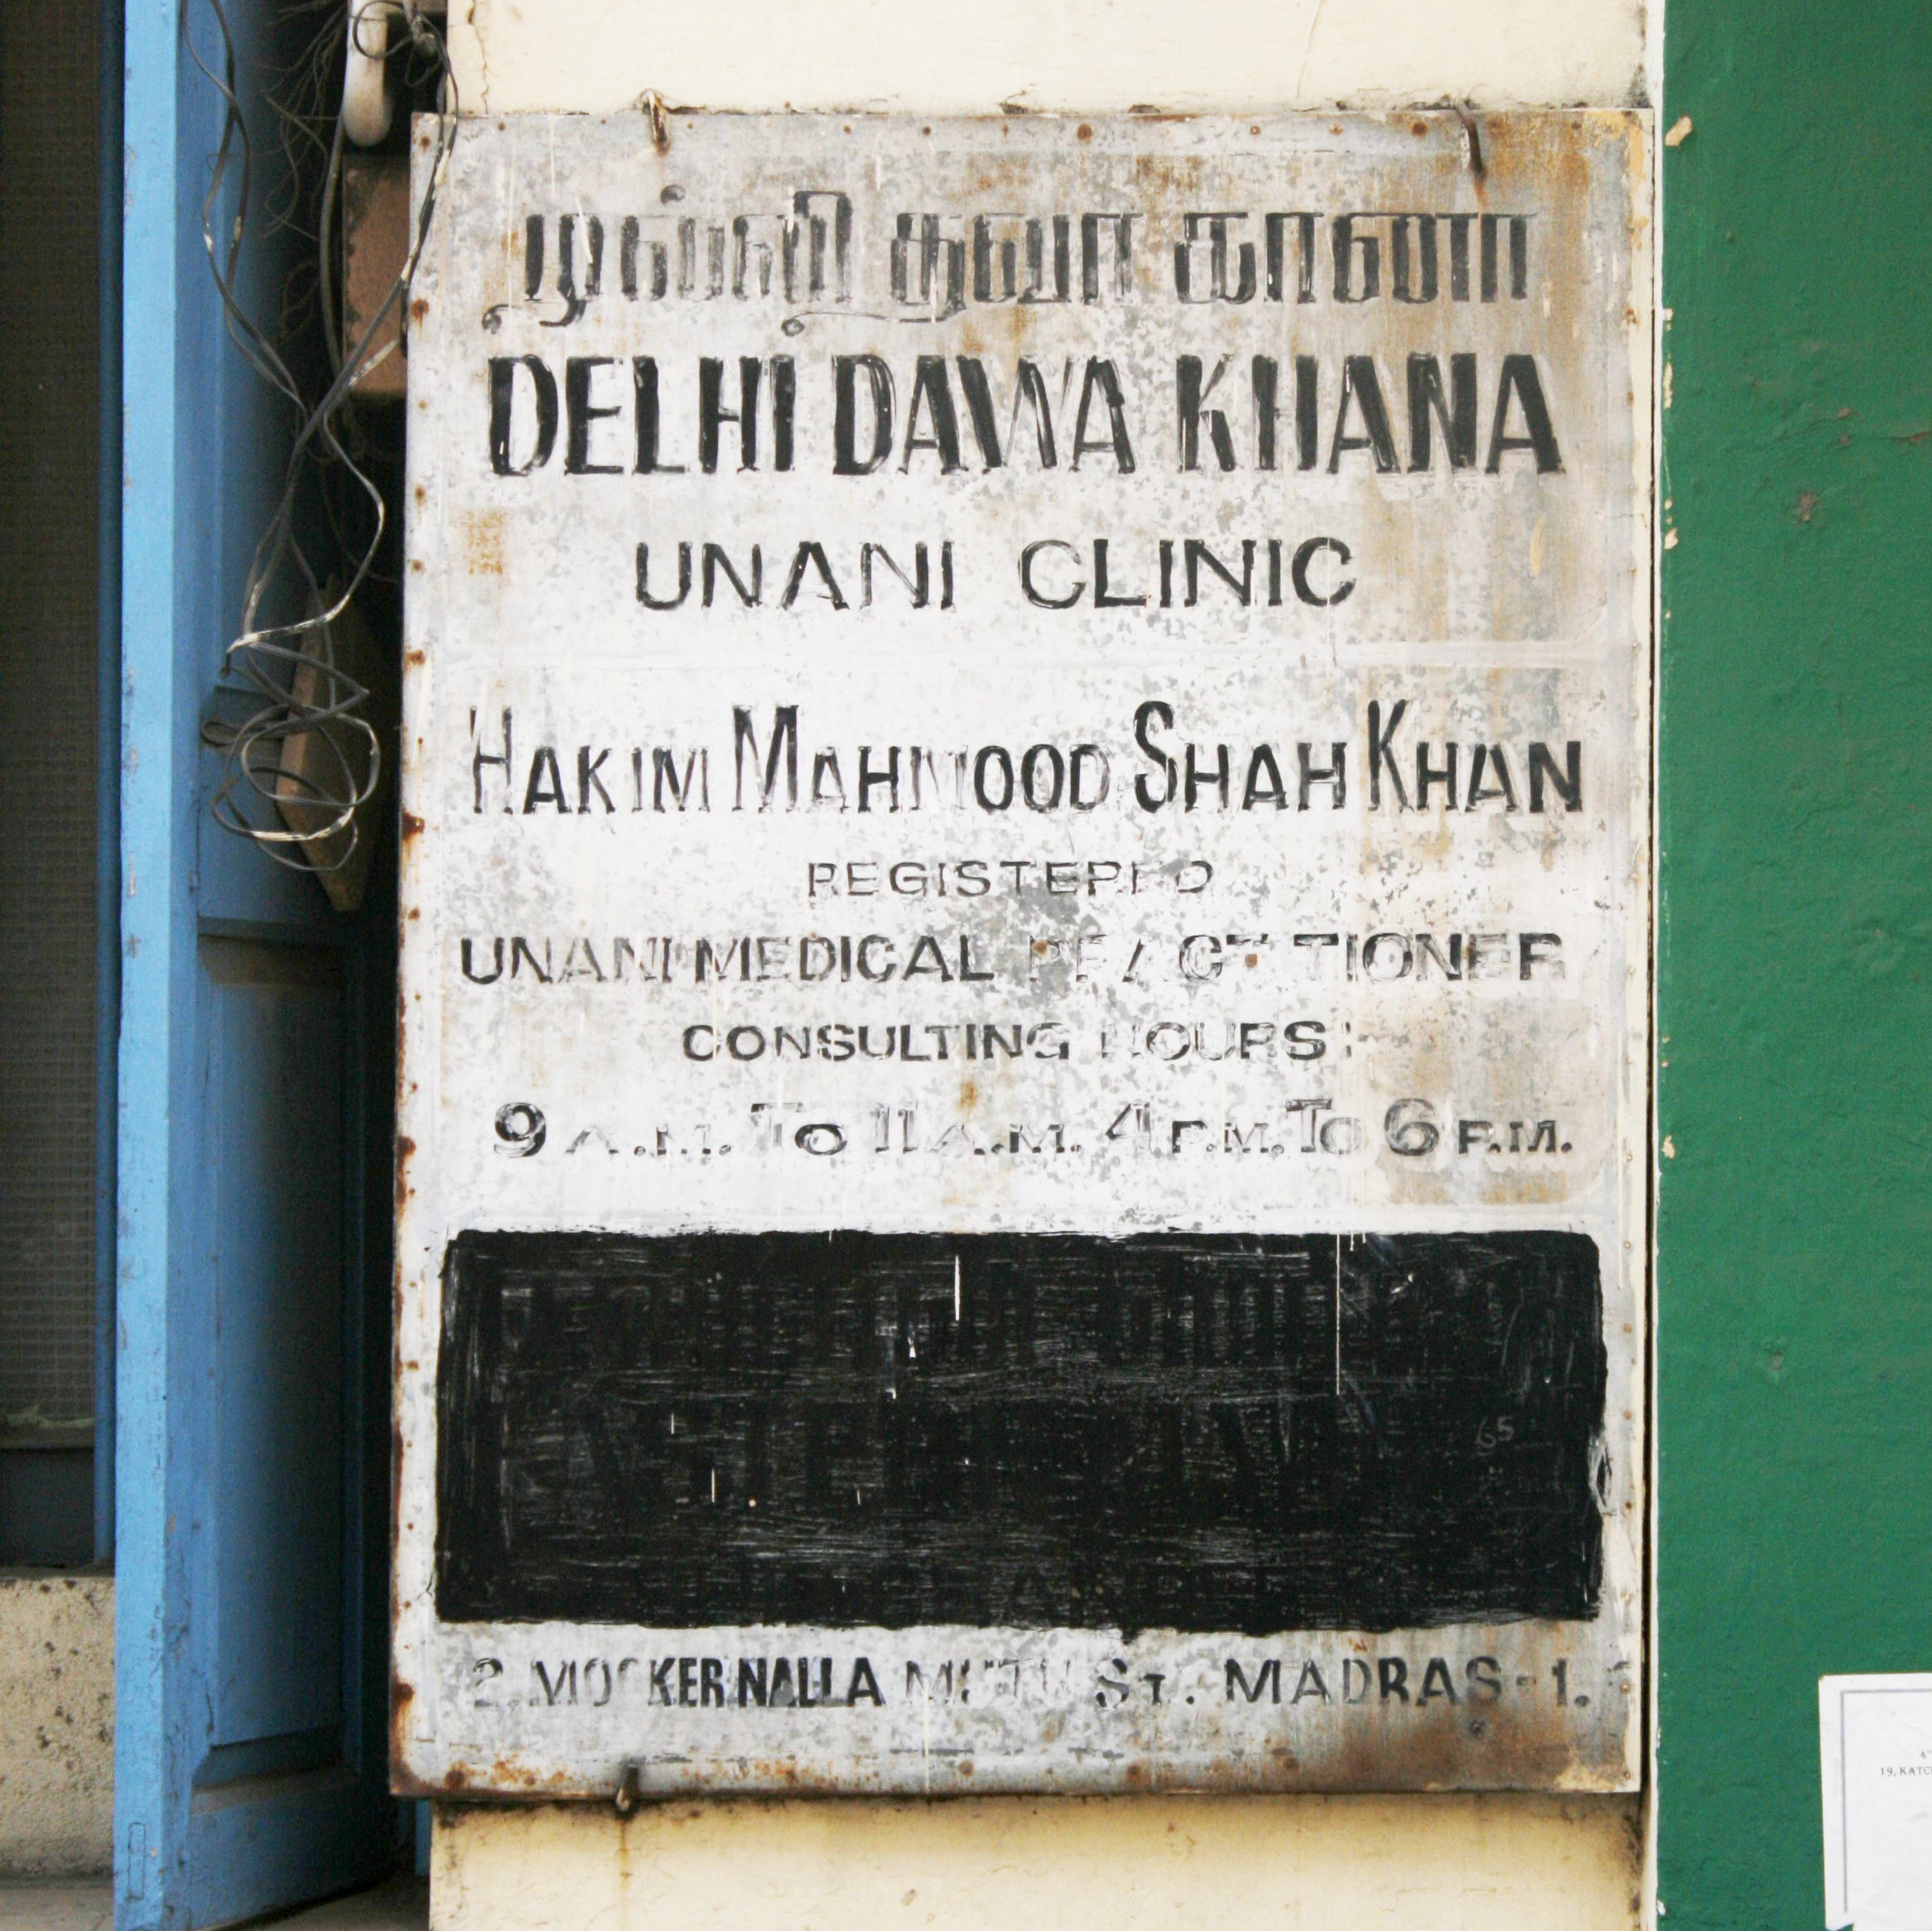 Delhi Dawa Khana